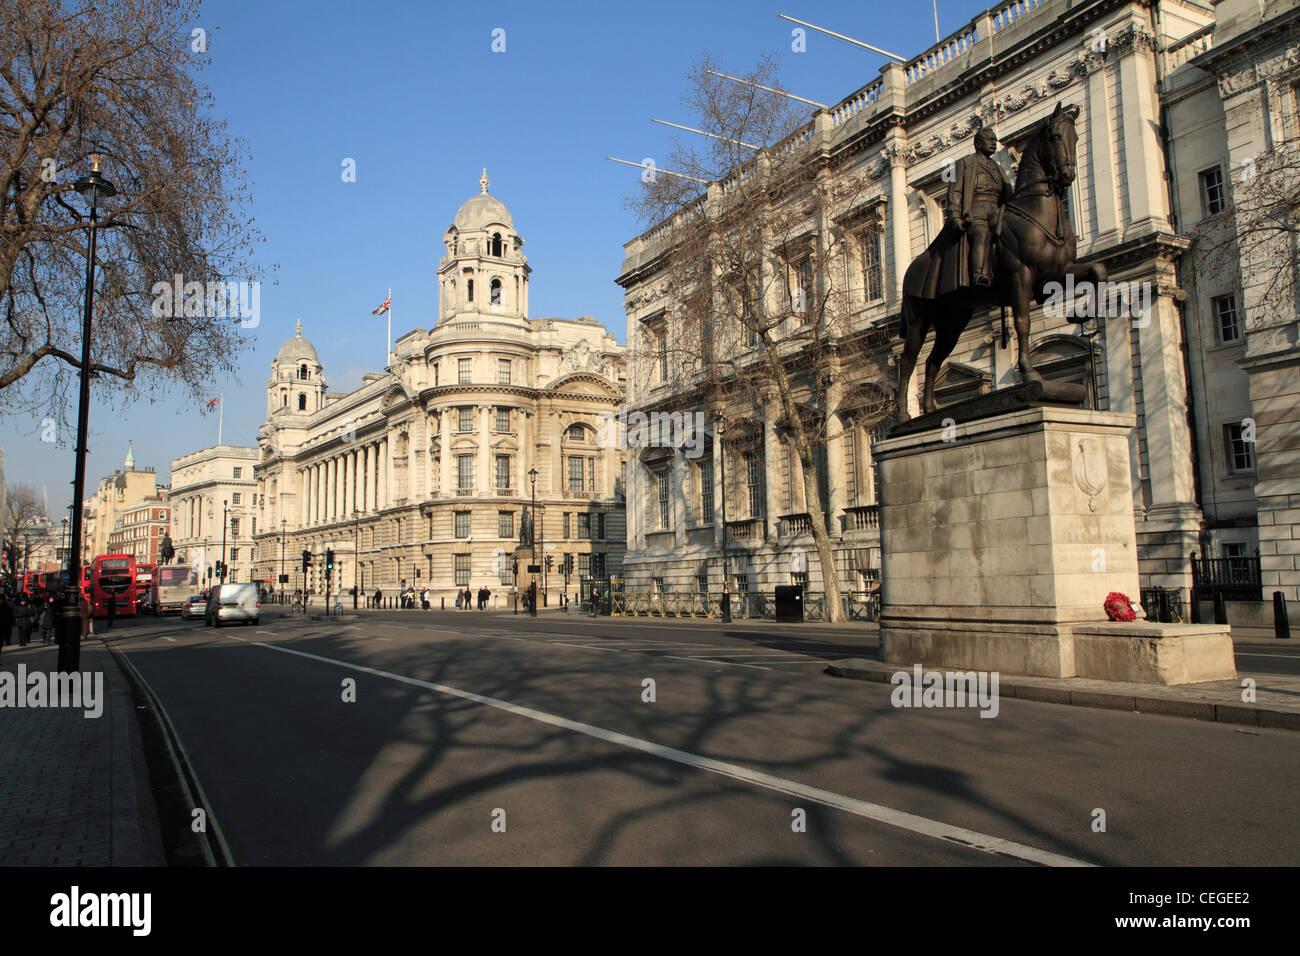 Whitehall, London, UK - Stock Image